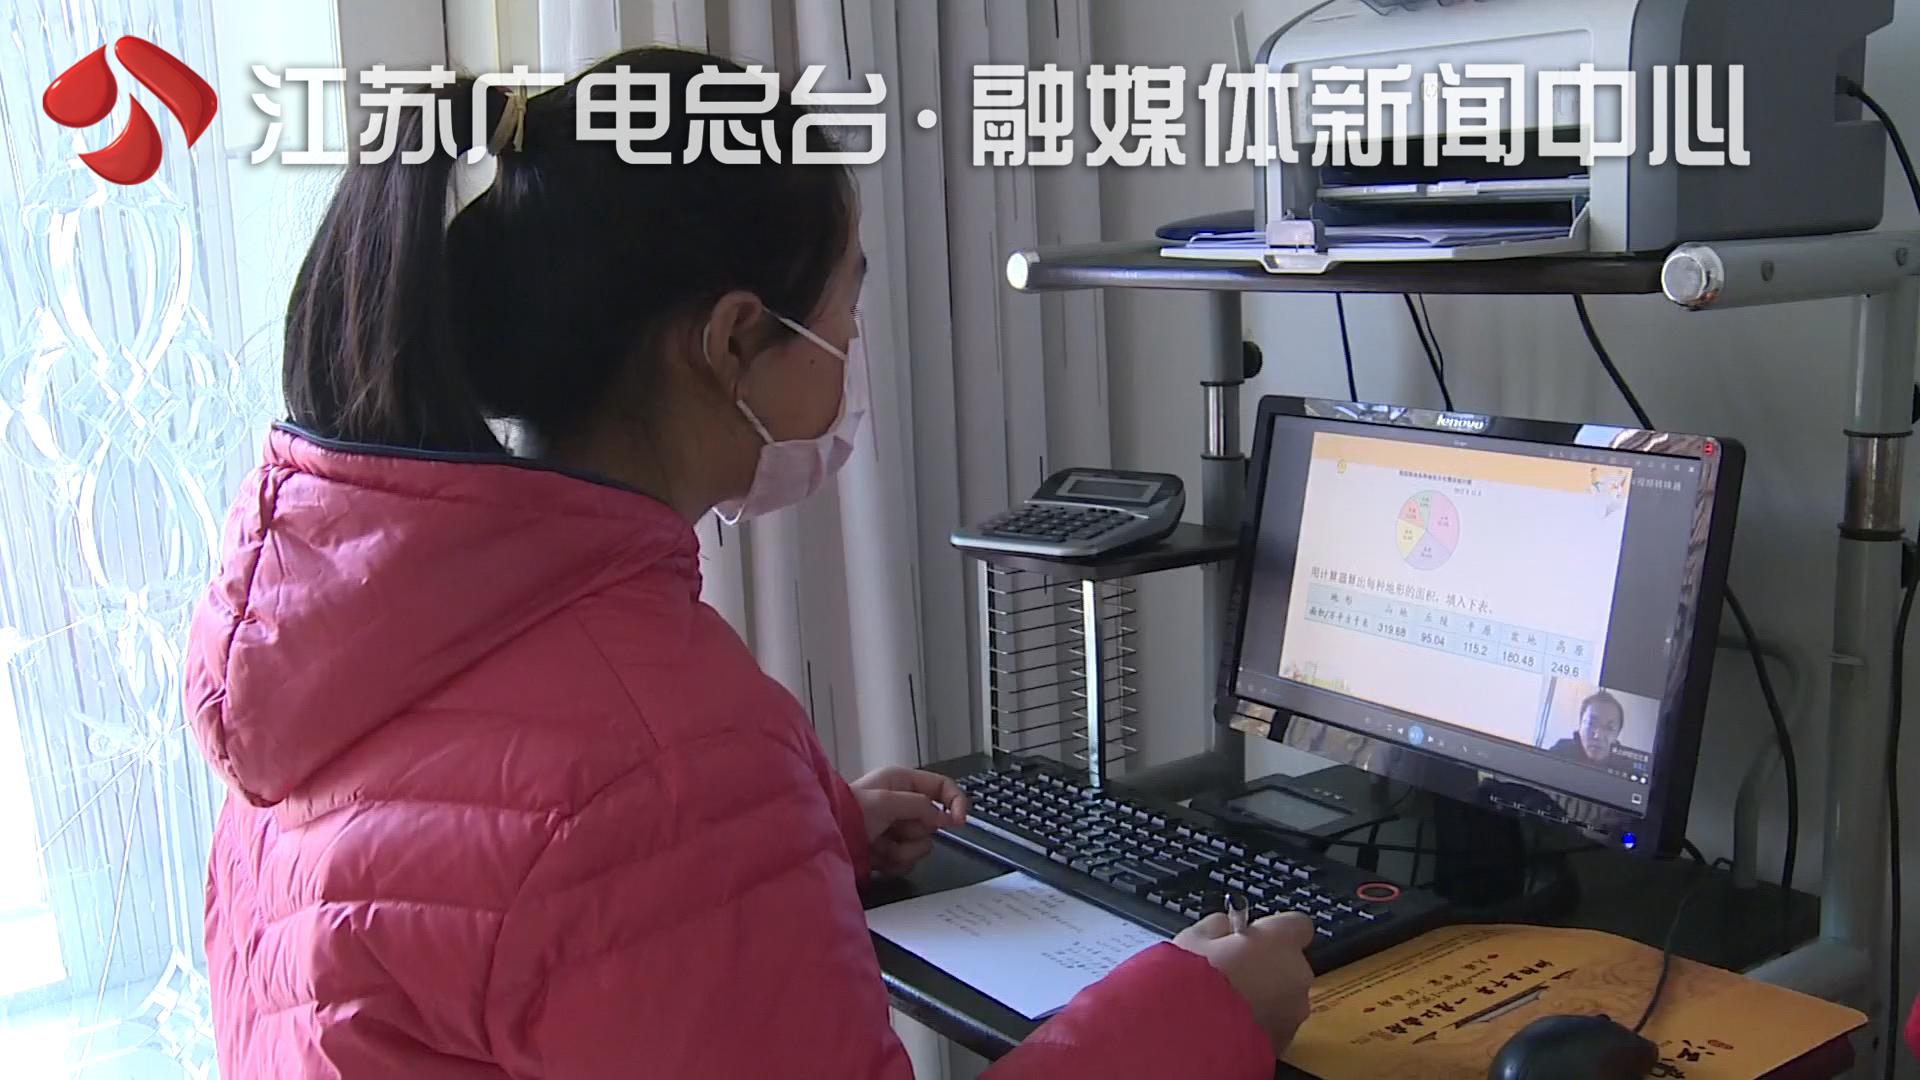 半年近视率增加11.9%!江苏中小学生近视率半年内明显上升